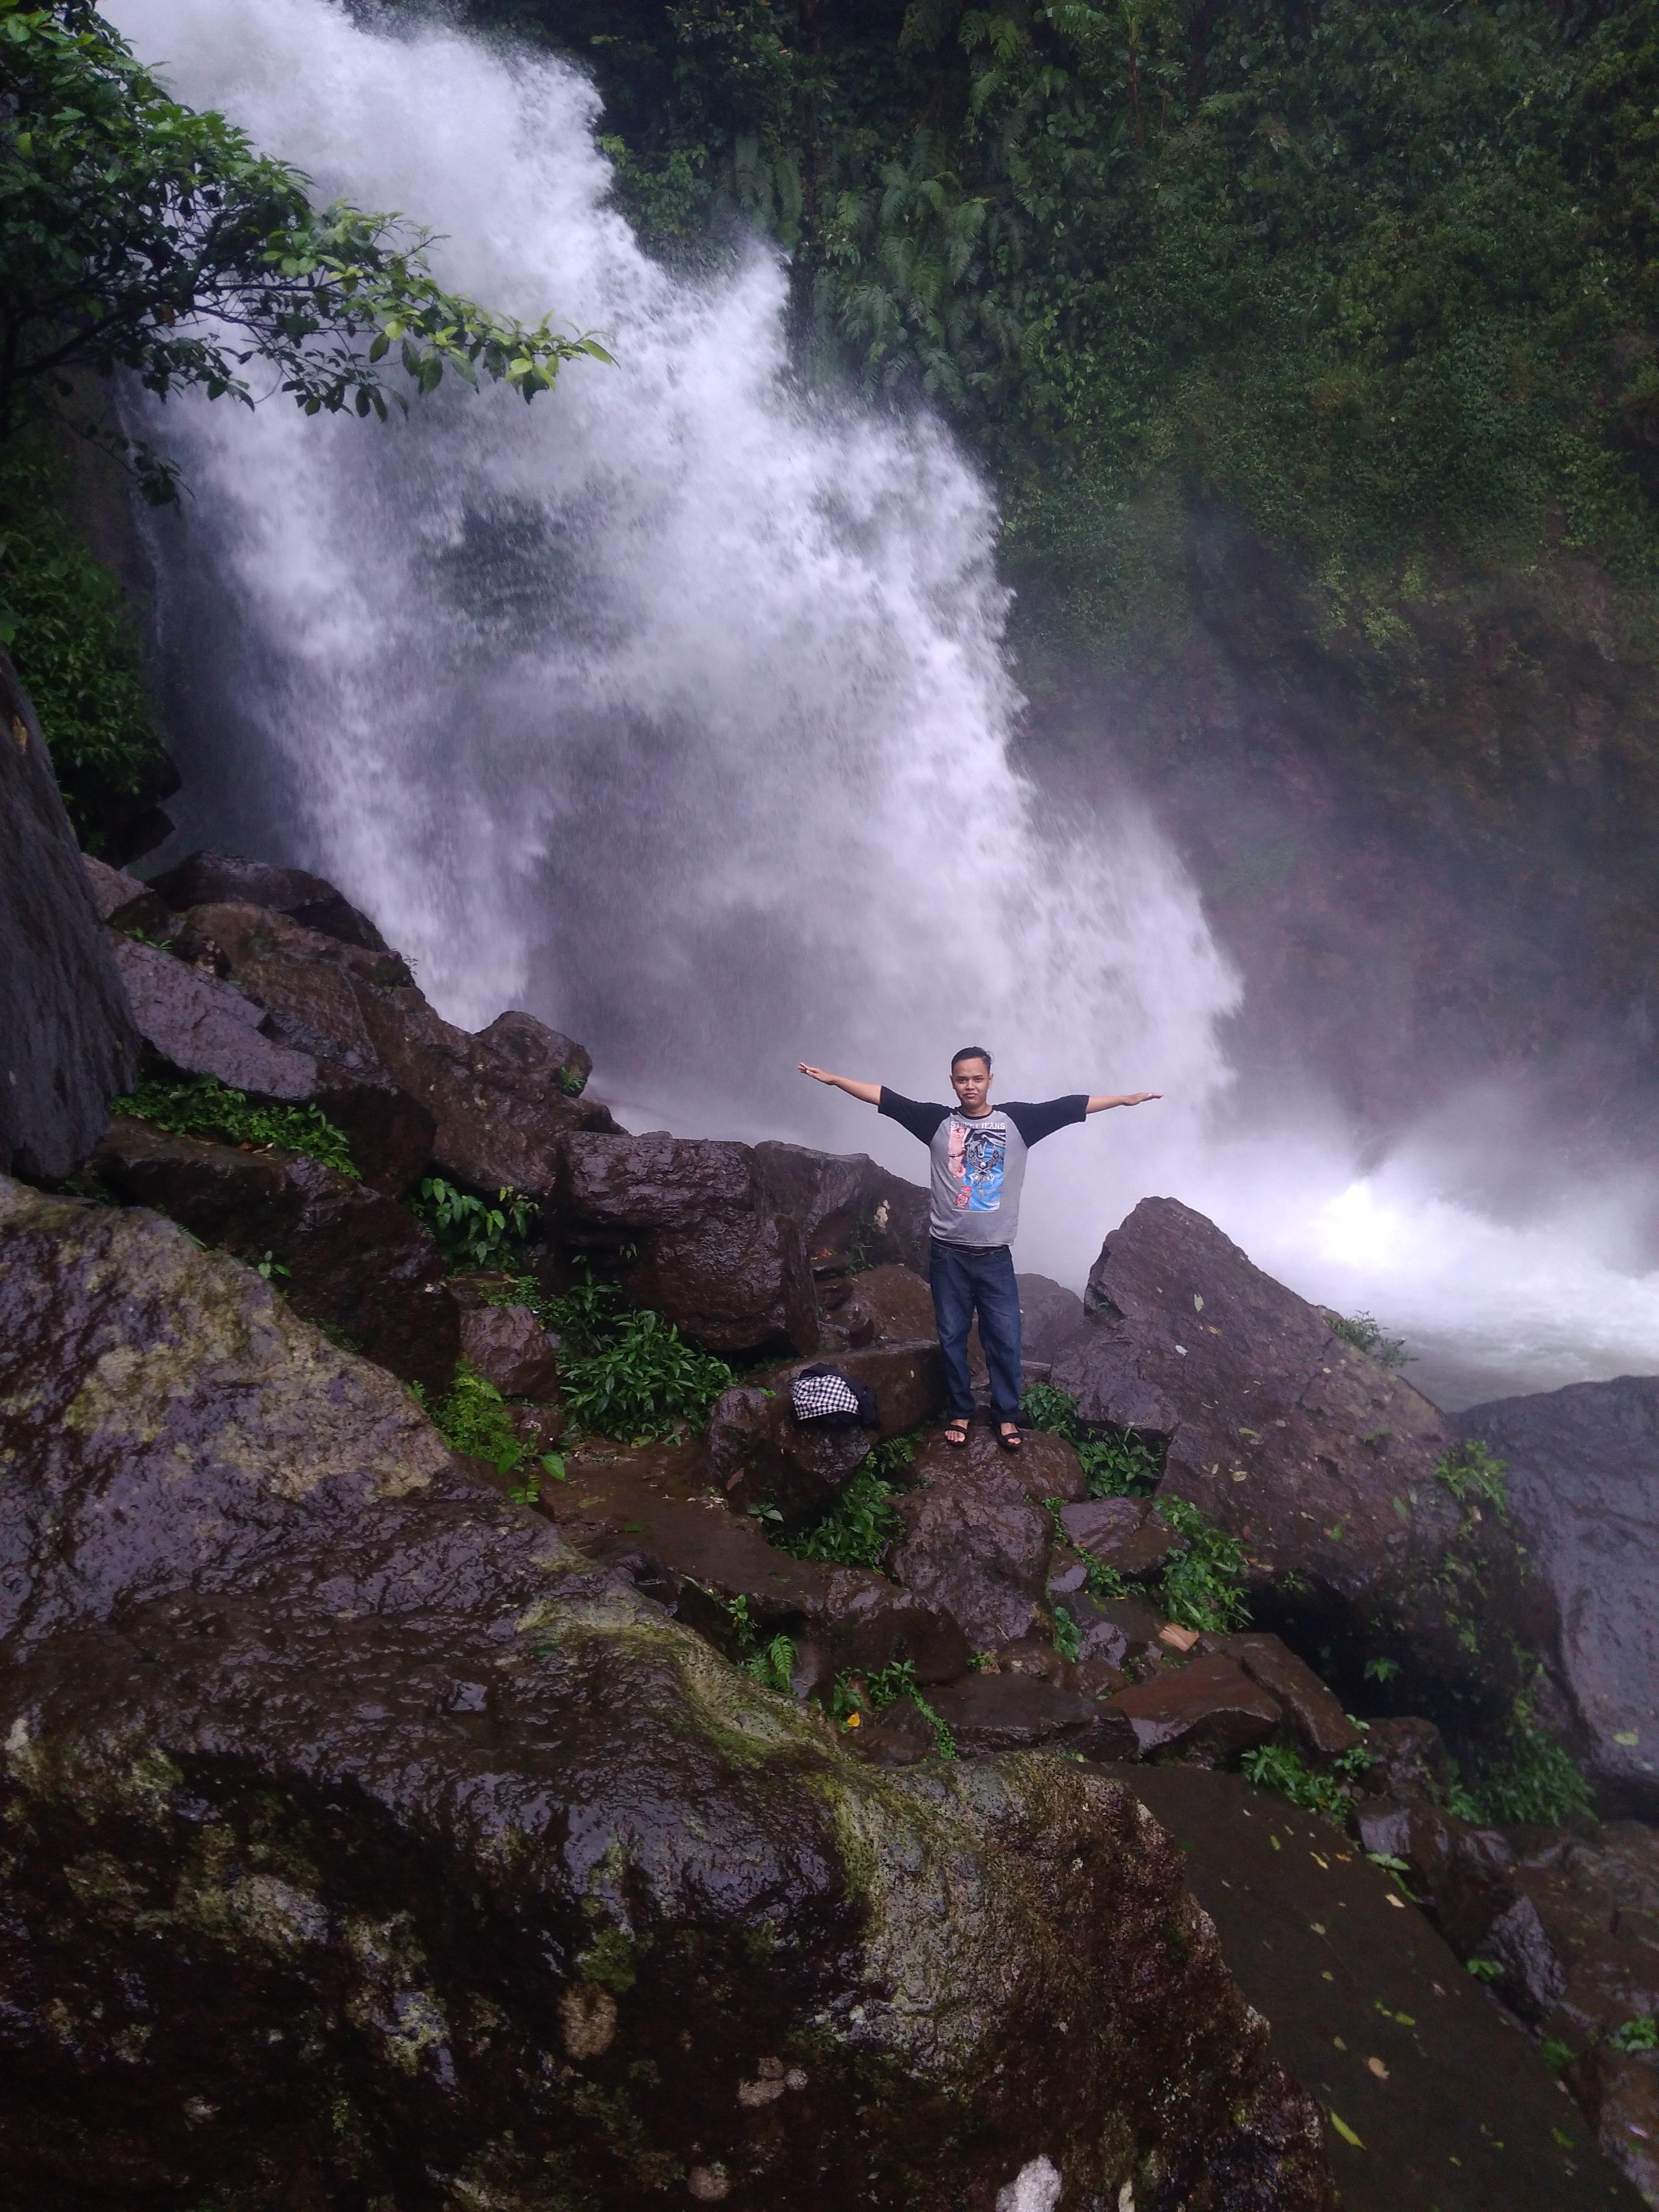 Air terjun Ciherang - Bogor - Wikipedia bahasa Indonesia